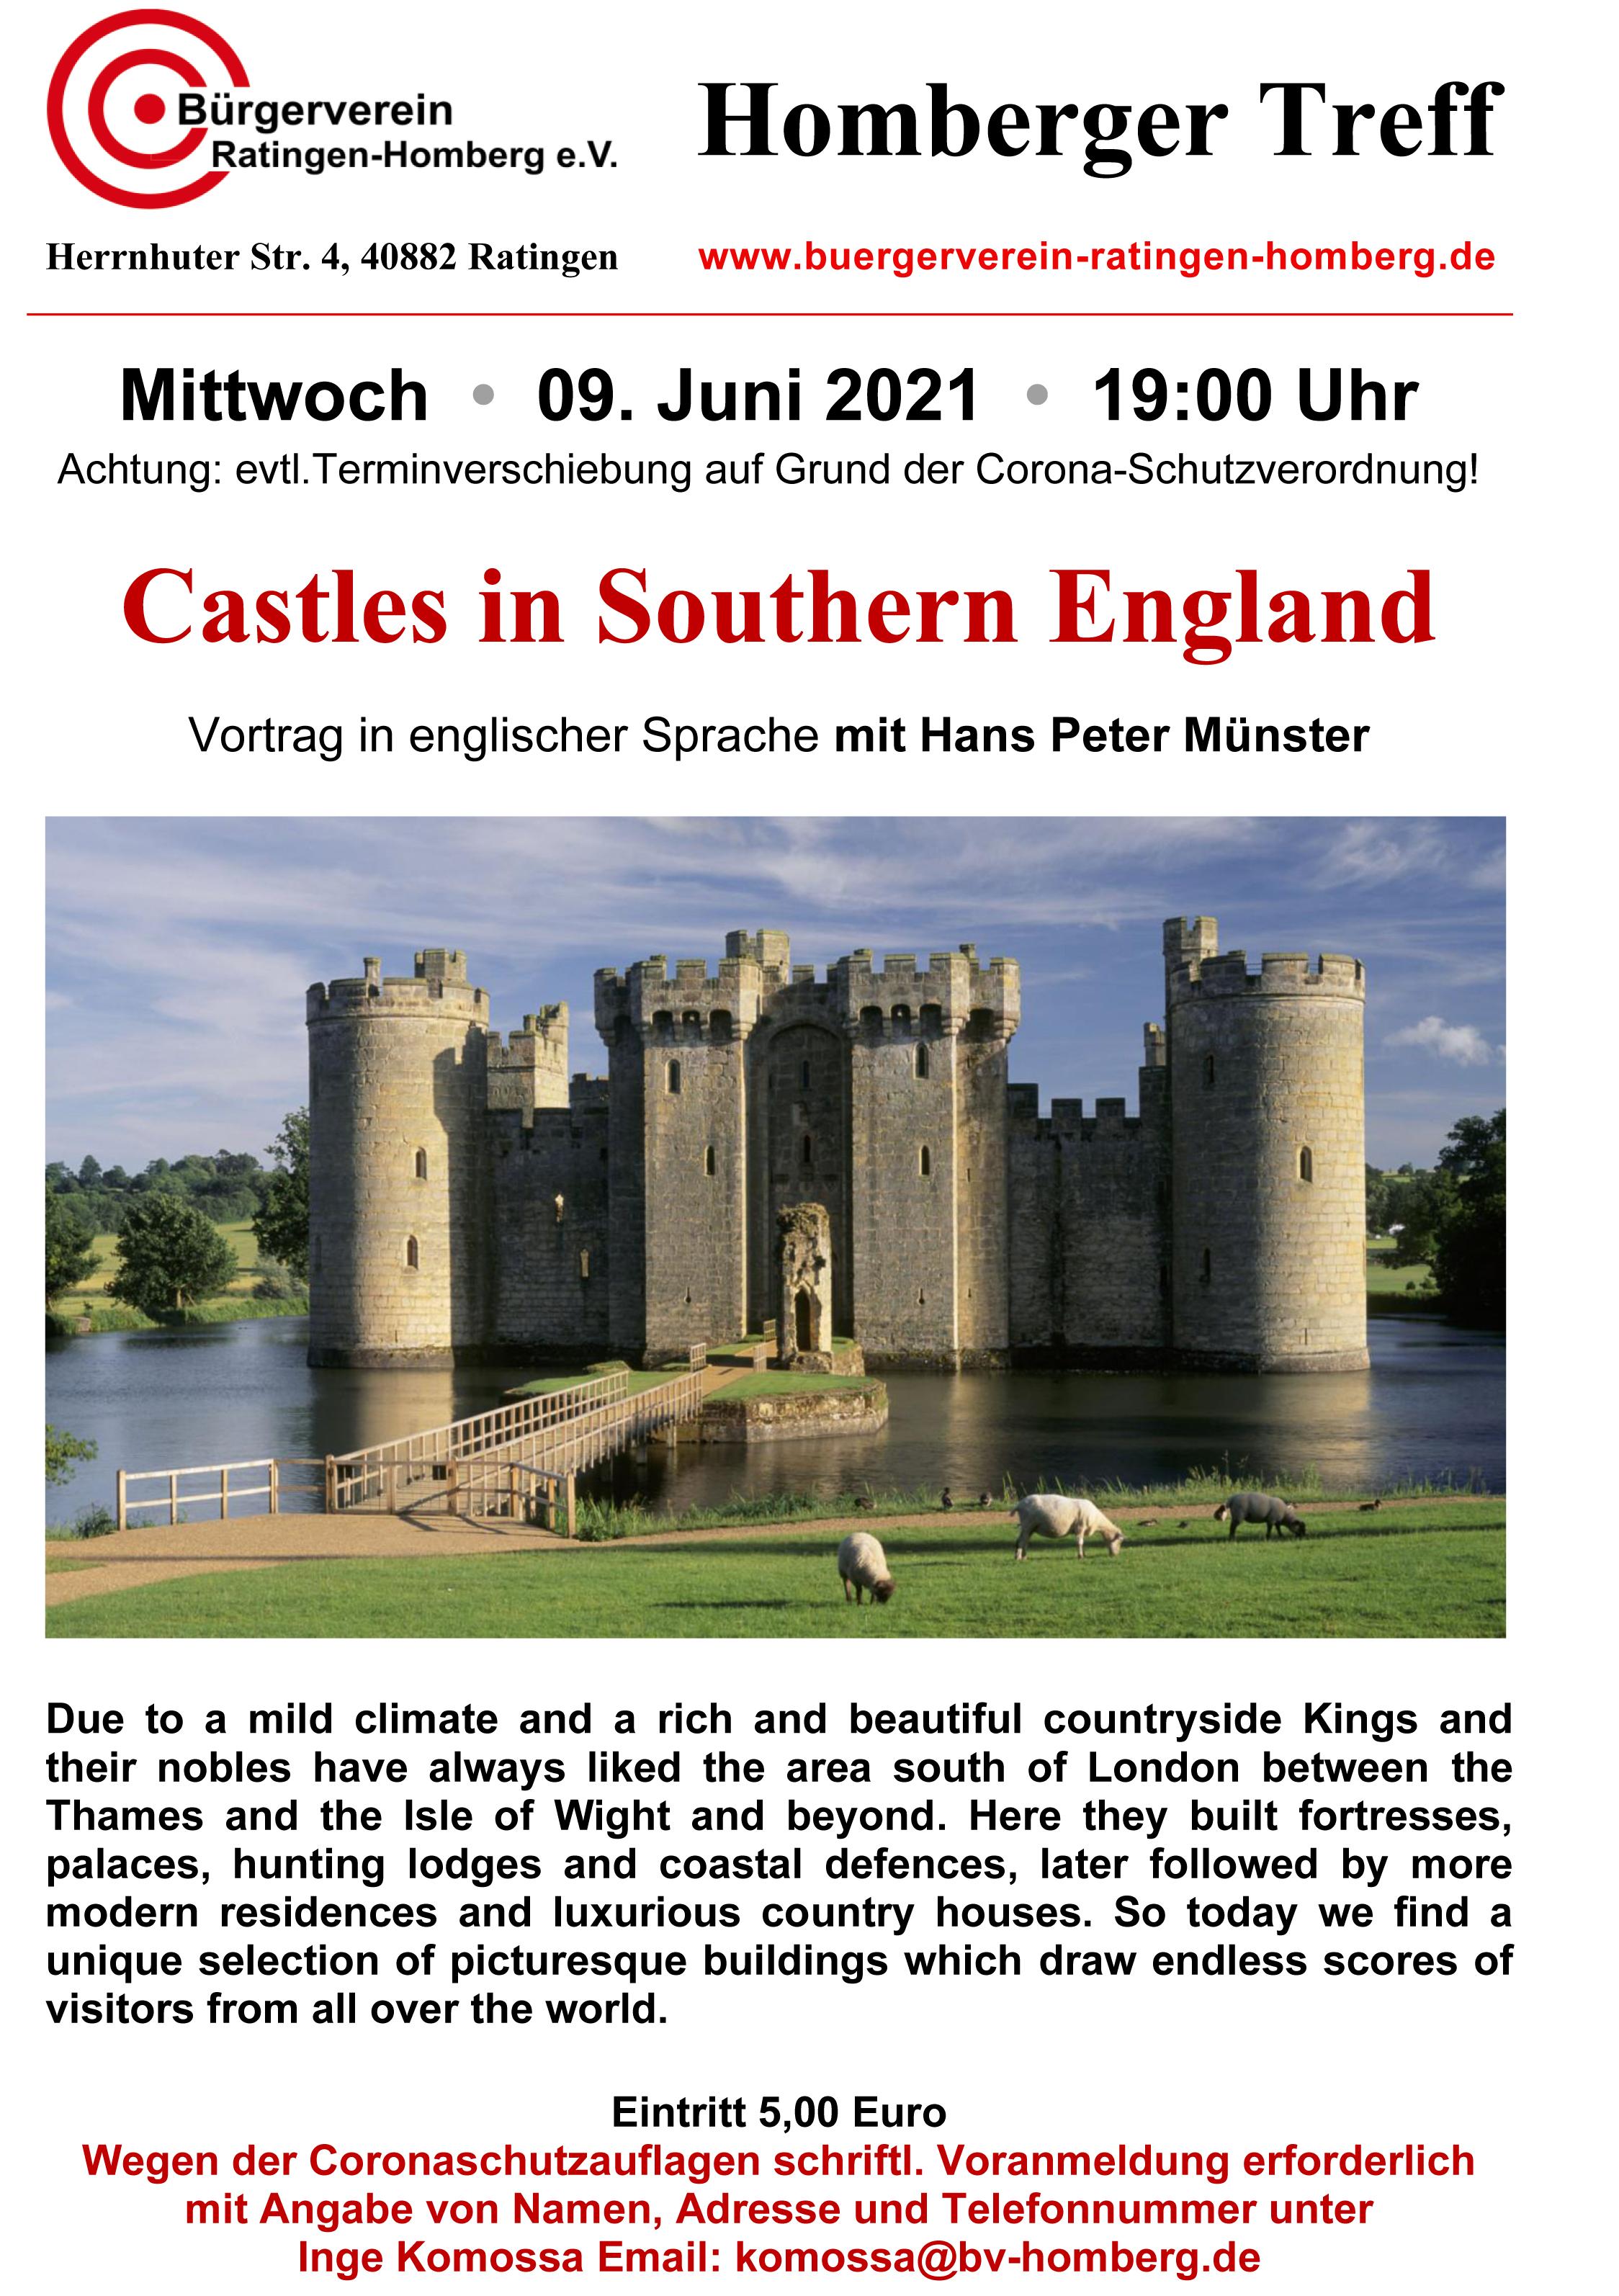 Castles in Southern England - Vortrag in englischer Sprache mit Hans Peter Münster / Verlegt auf 09. Juni 2021